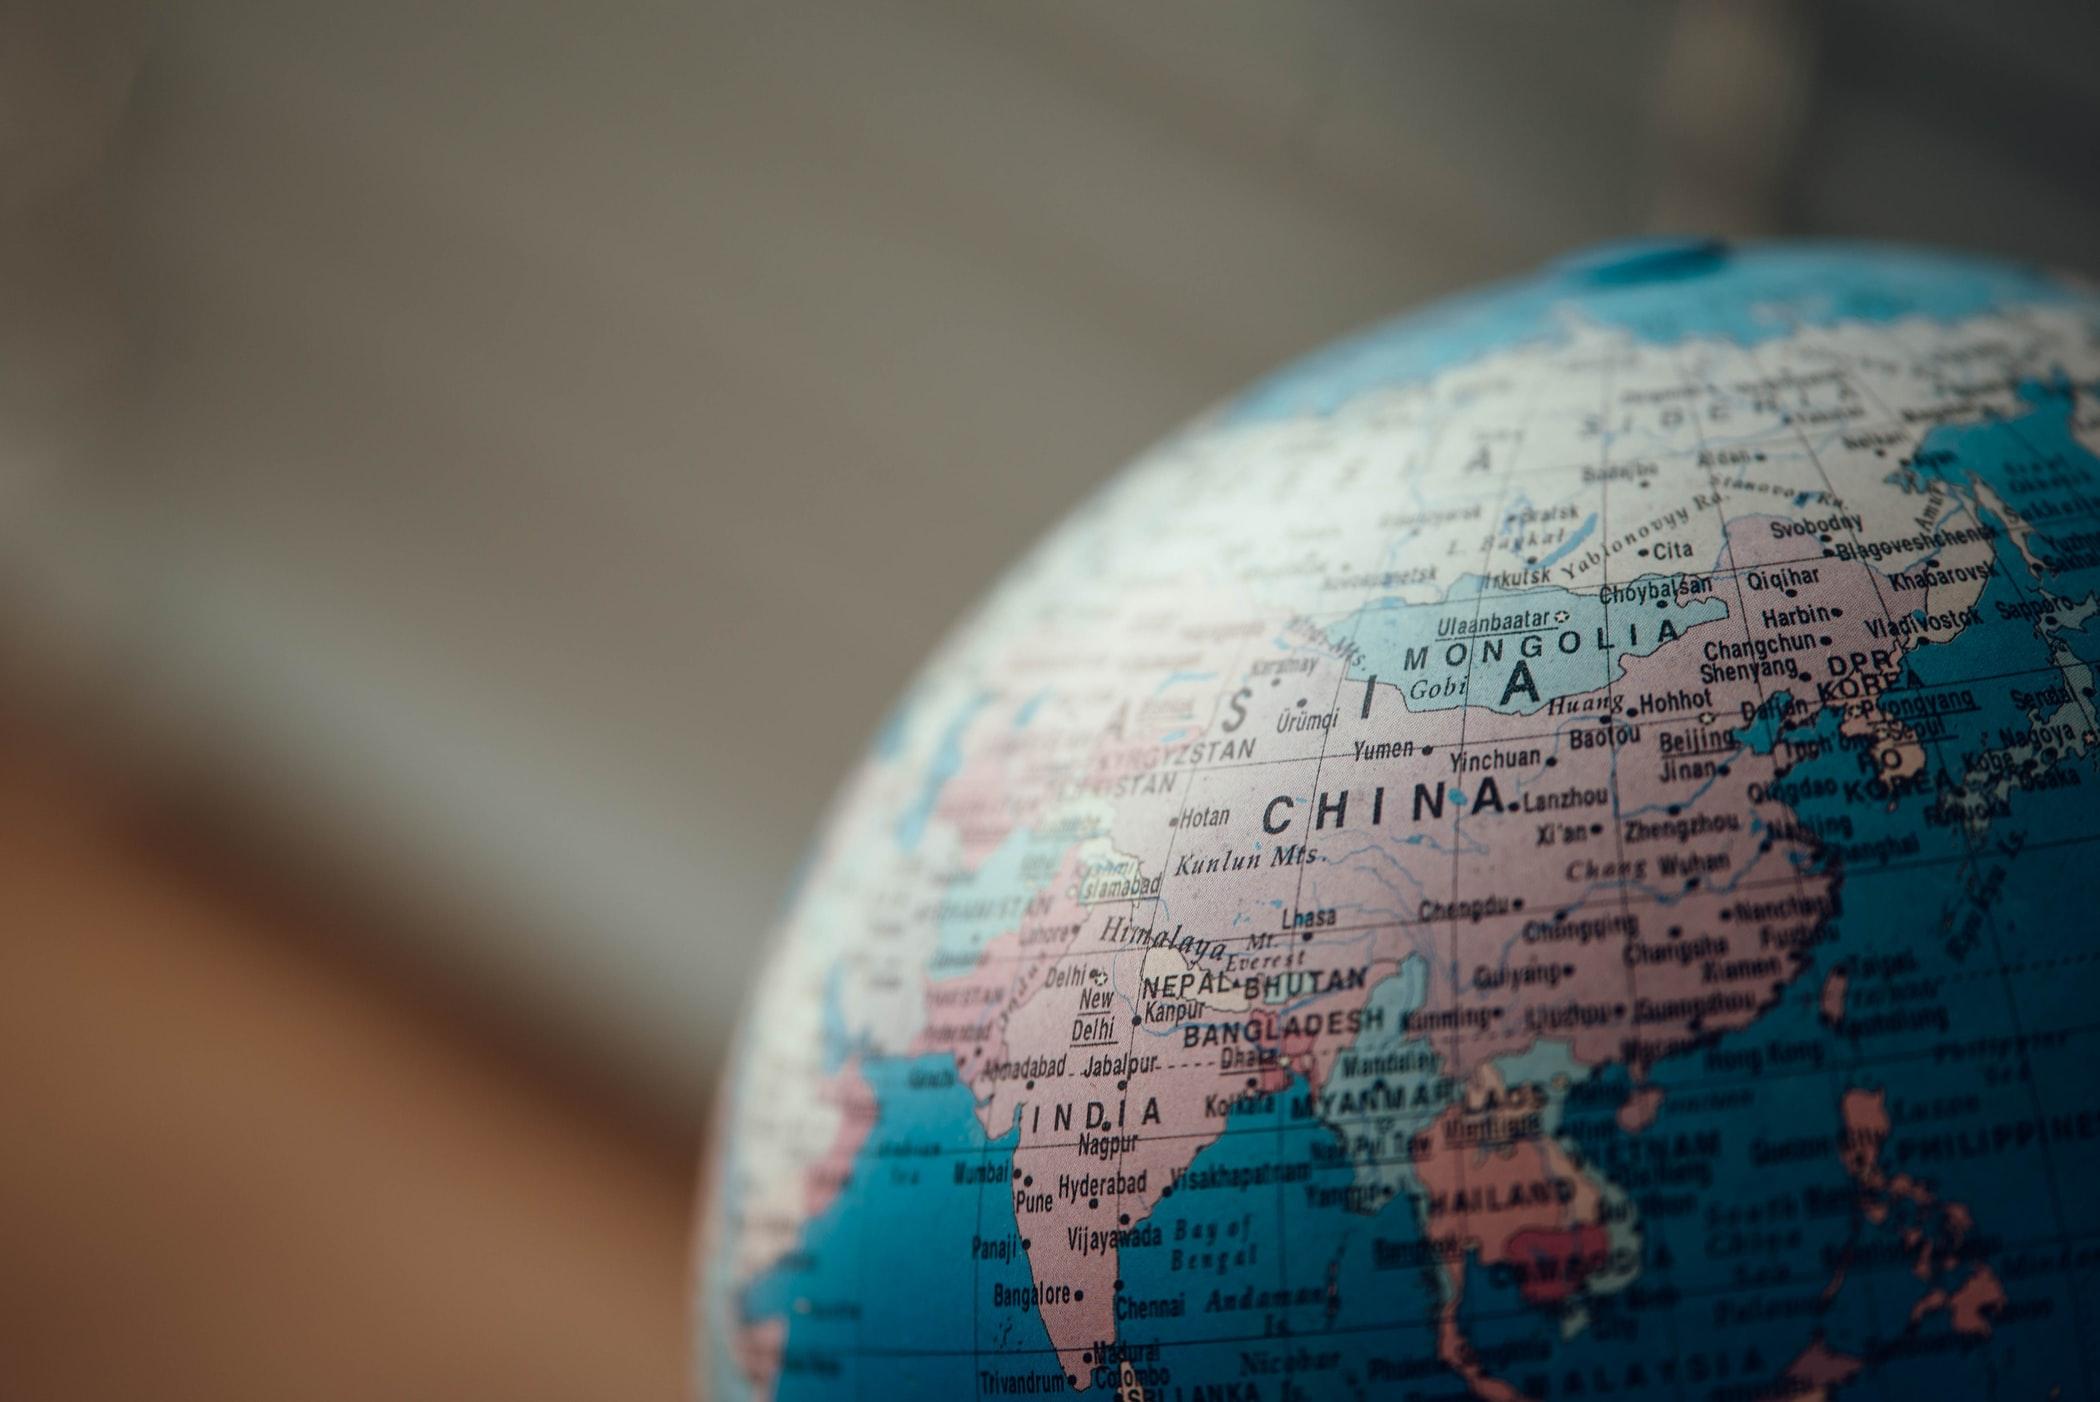 Dịch vụ chuyển phát nhanh tài liệu đi Trung Quốc đảm bảo uy tín